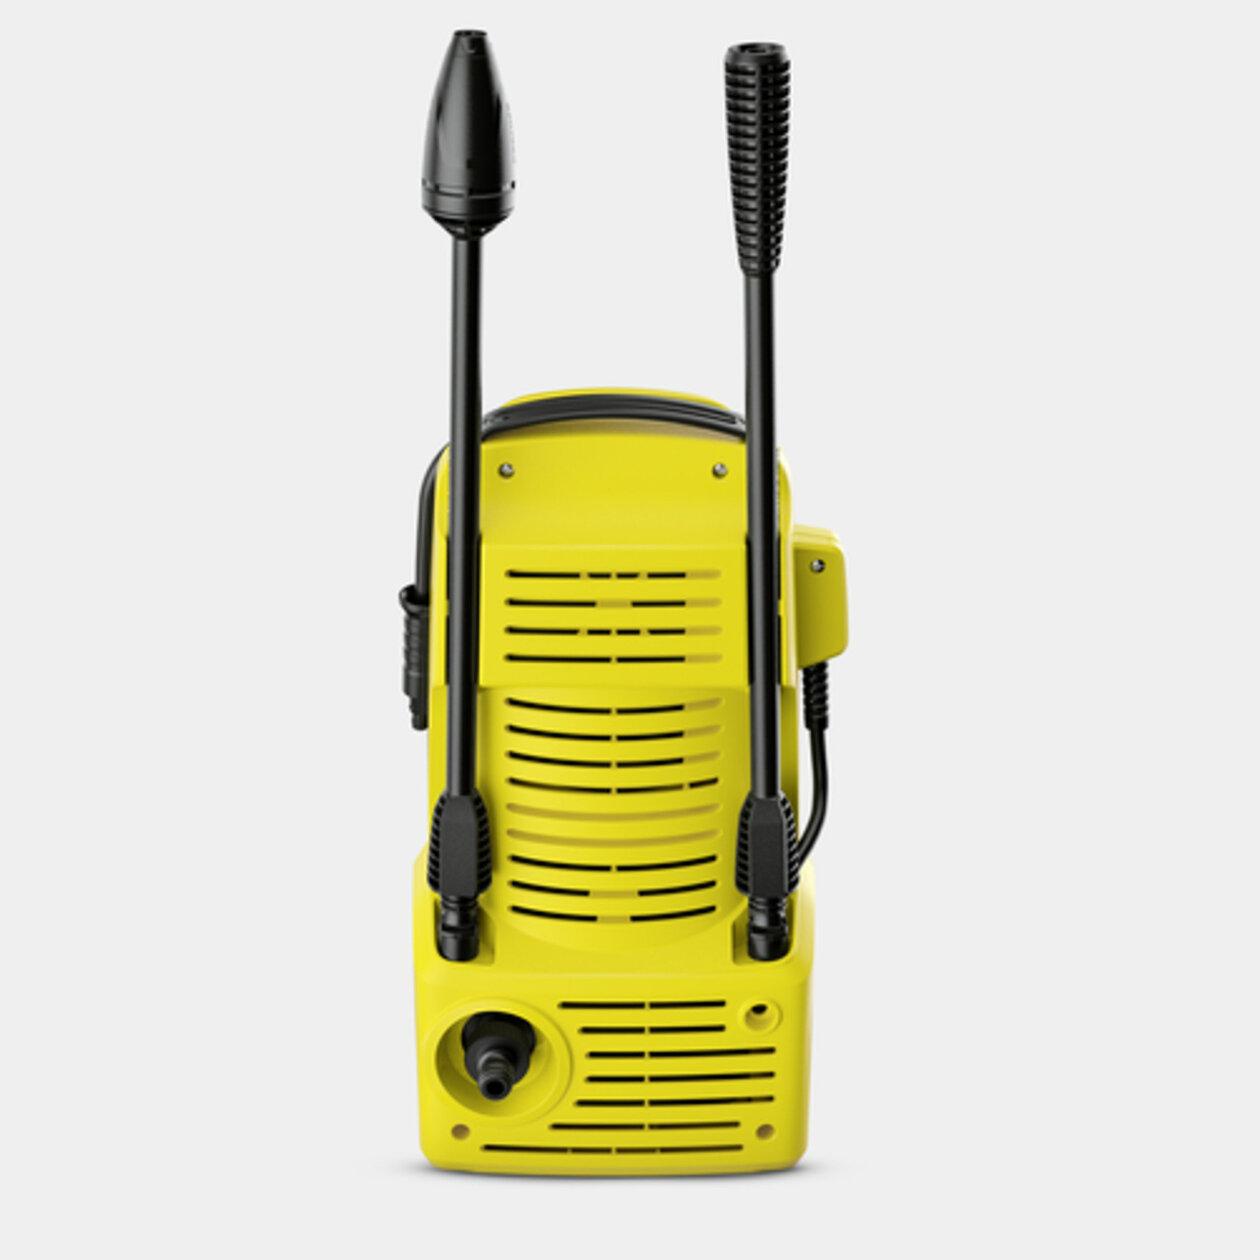 Vysokotlakový čistič K 2 Compact: Odkladanie príslušenstva na stroji